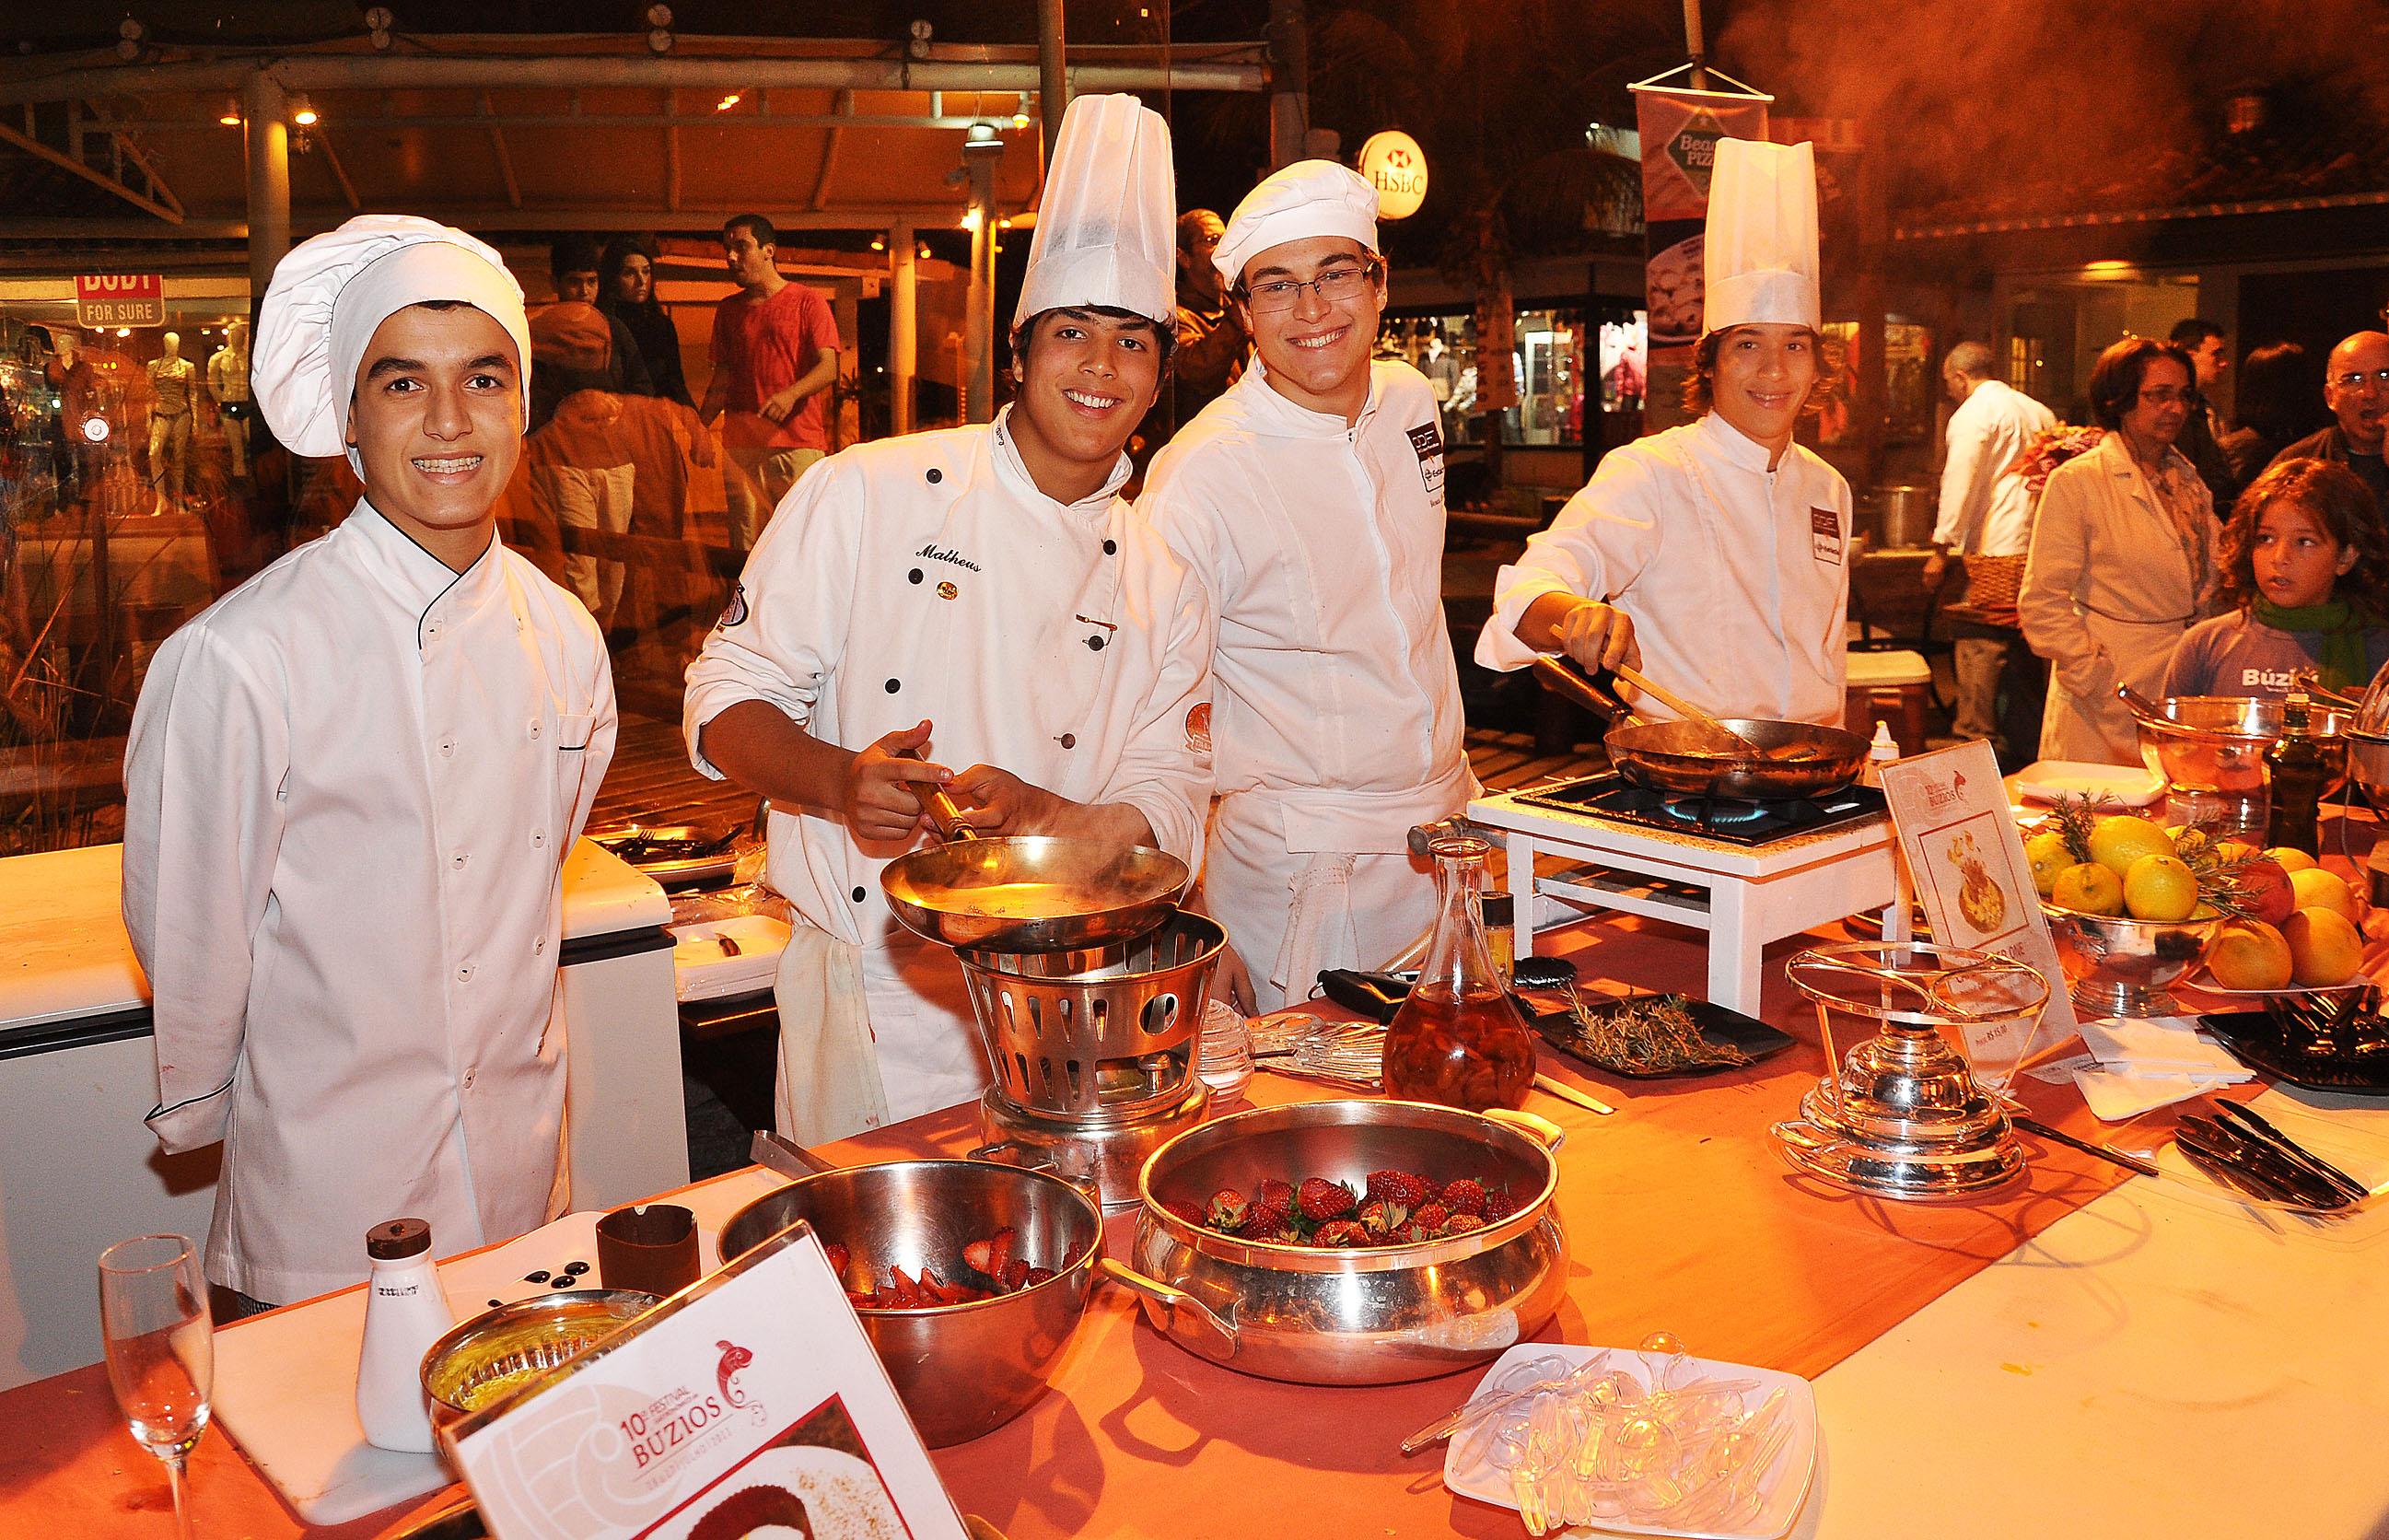 Os restaurantes montam stands nas ruas e oferecem pratos aos clientes